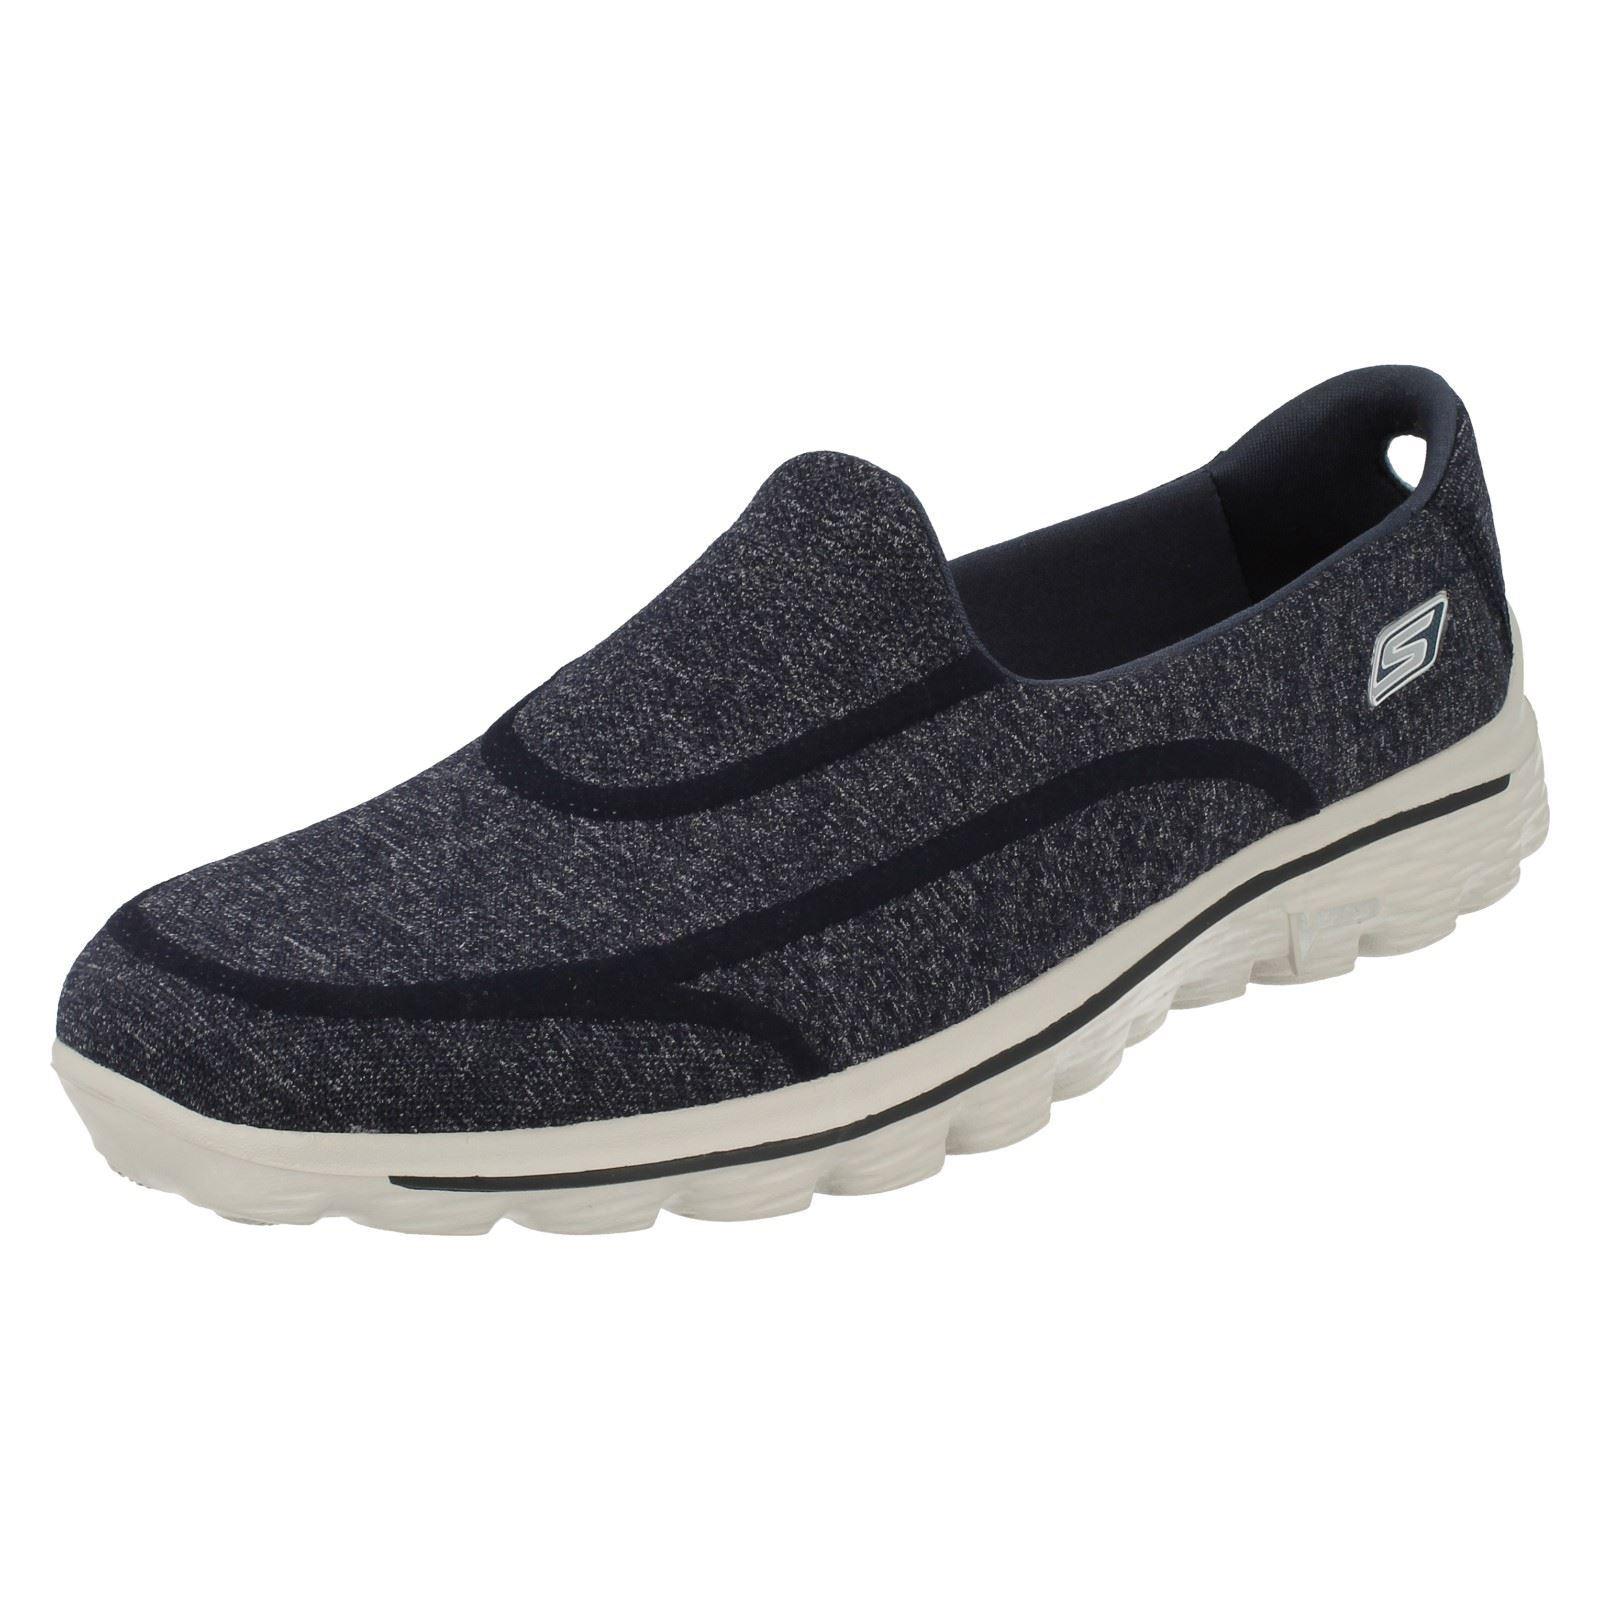 Détails sur Femmes Skechers Performance Division Go Walk 2 Super Sock 13955 afficher le titre d'origine